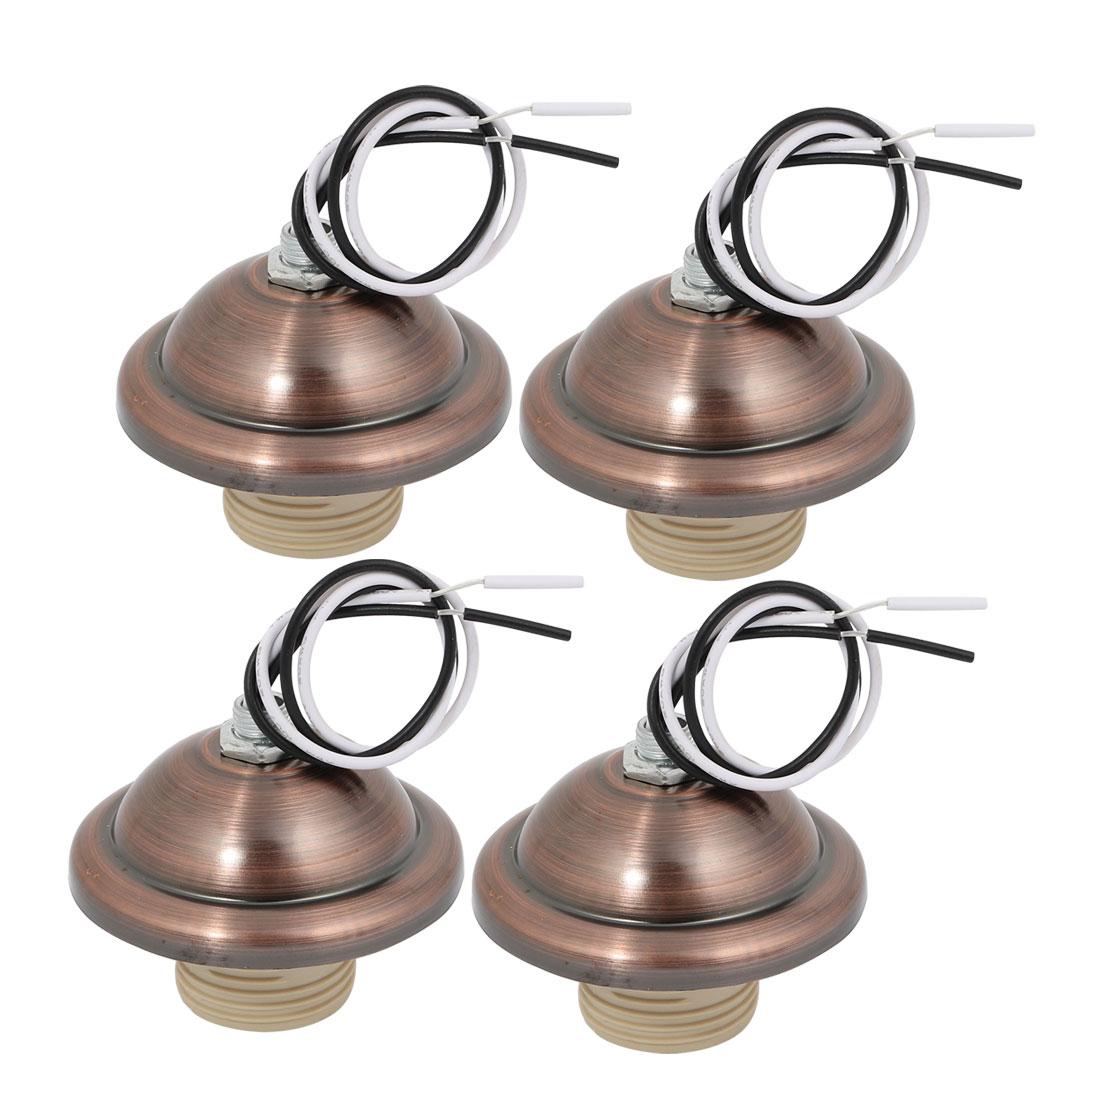 4pcs E27 Screw Bulb Base Light Socket Retro Pendant Lamp Holder Bronze Tone